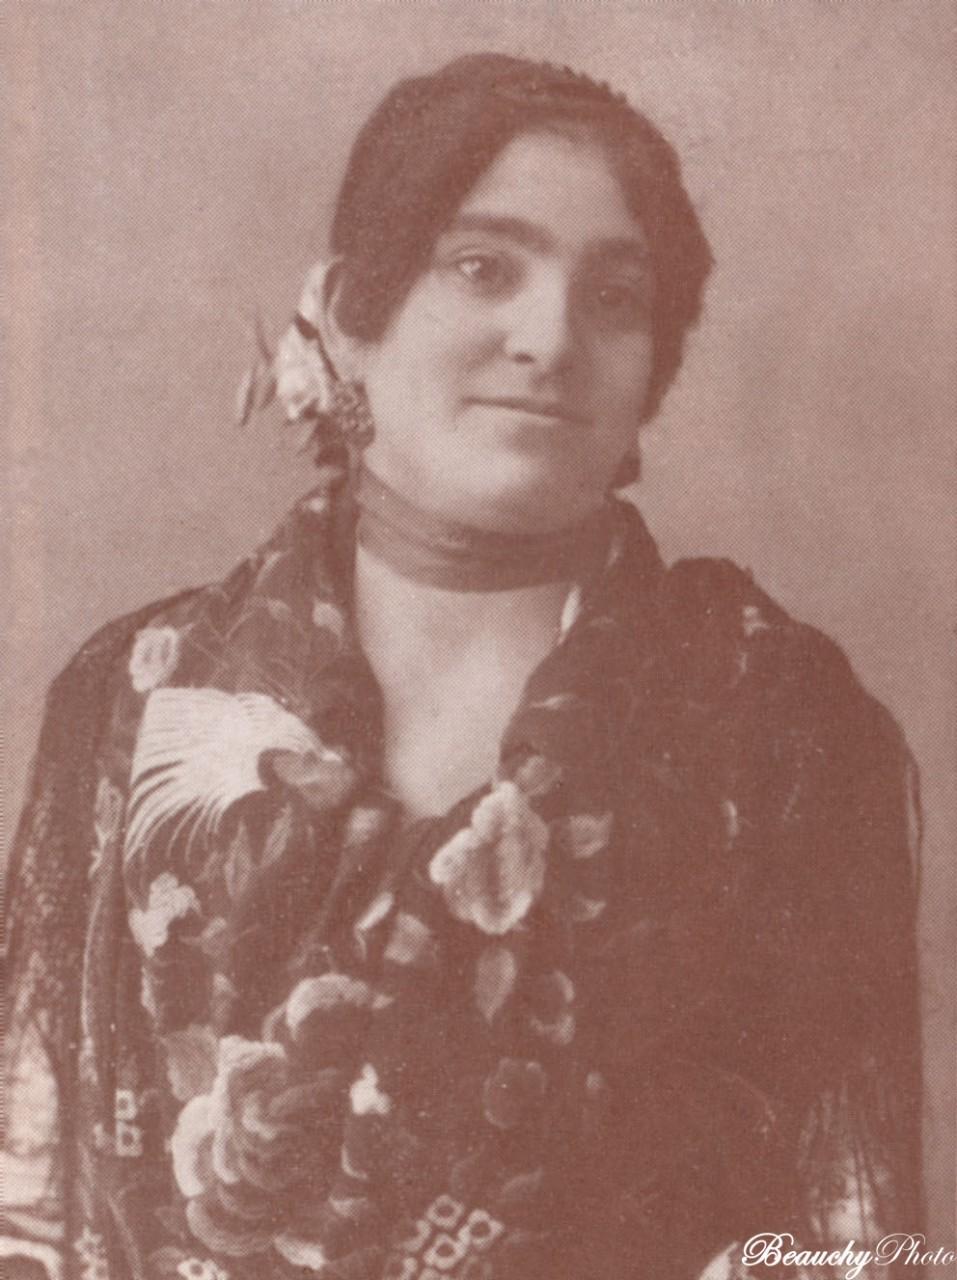 Mujeres desconocidas (EBC)